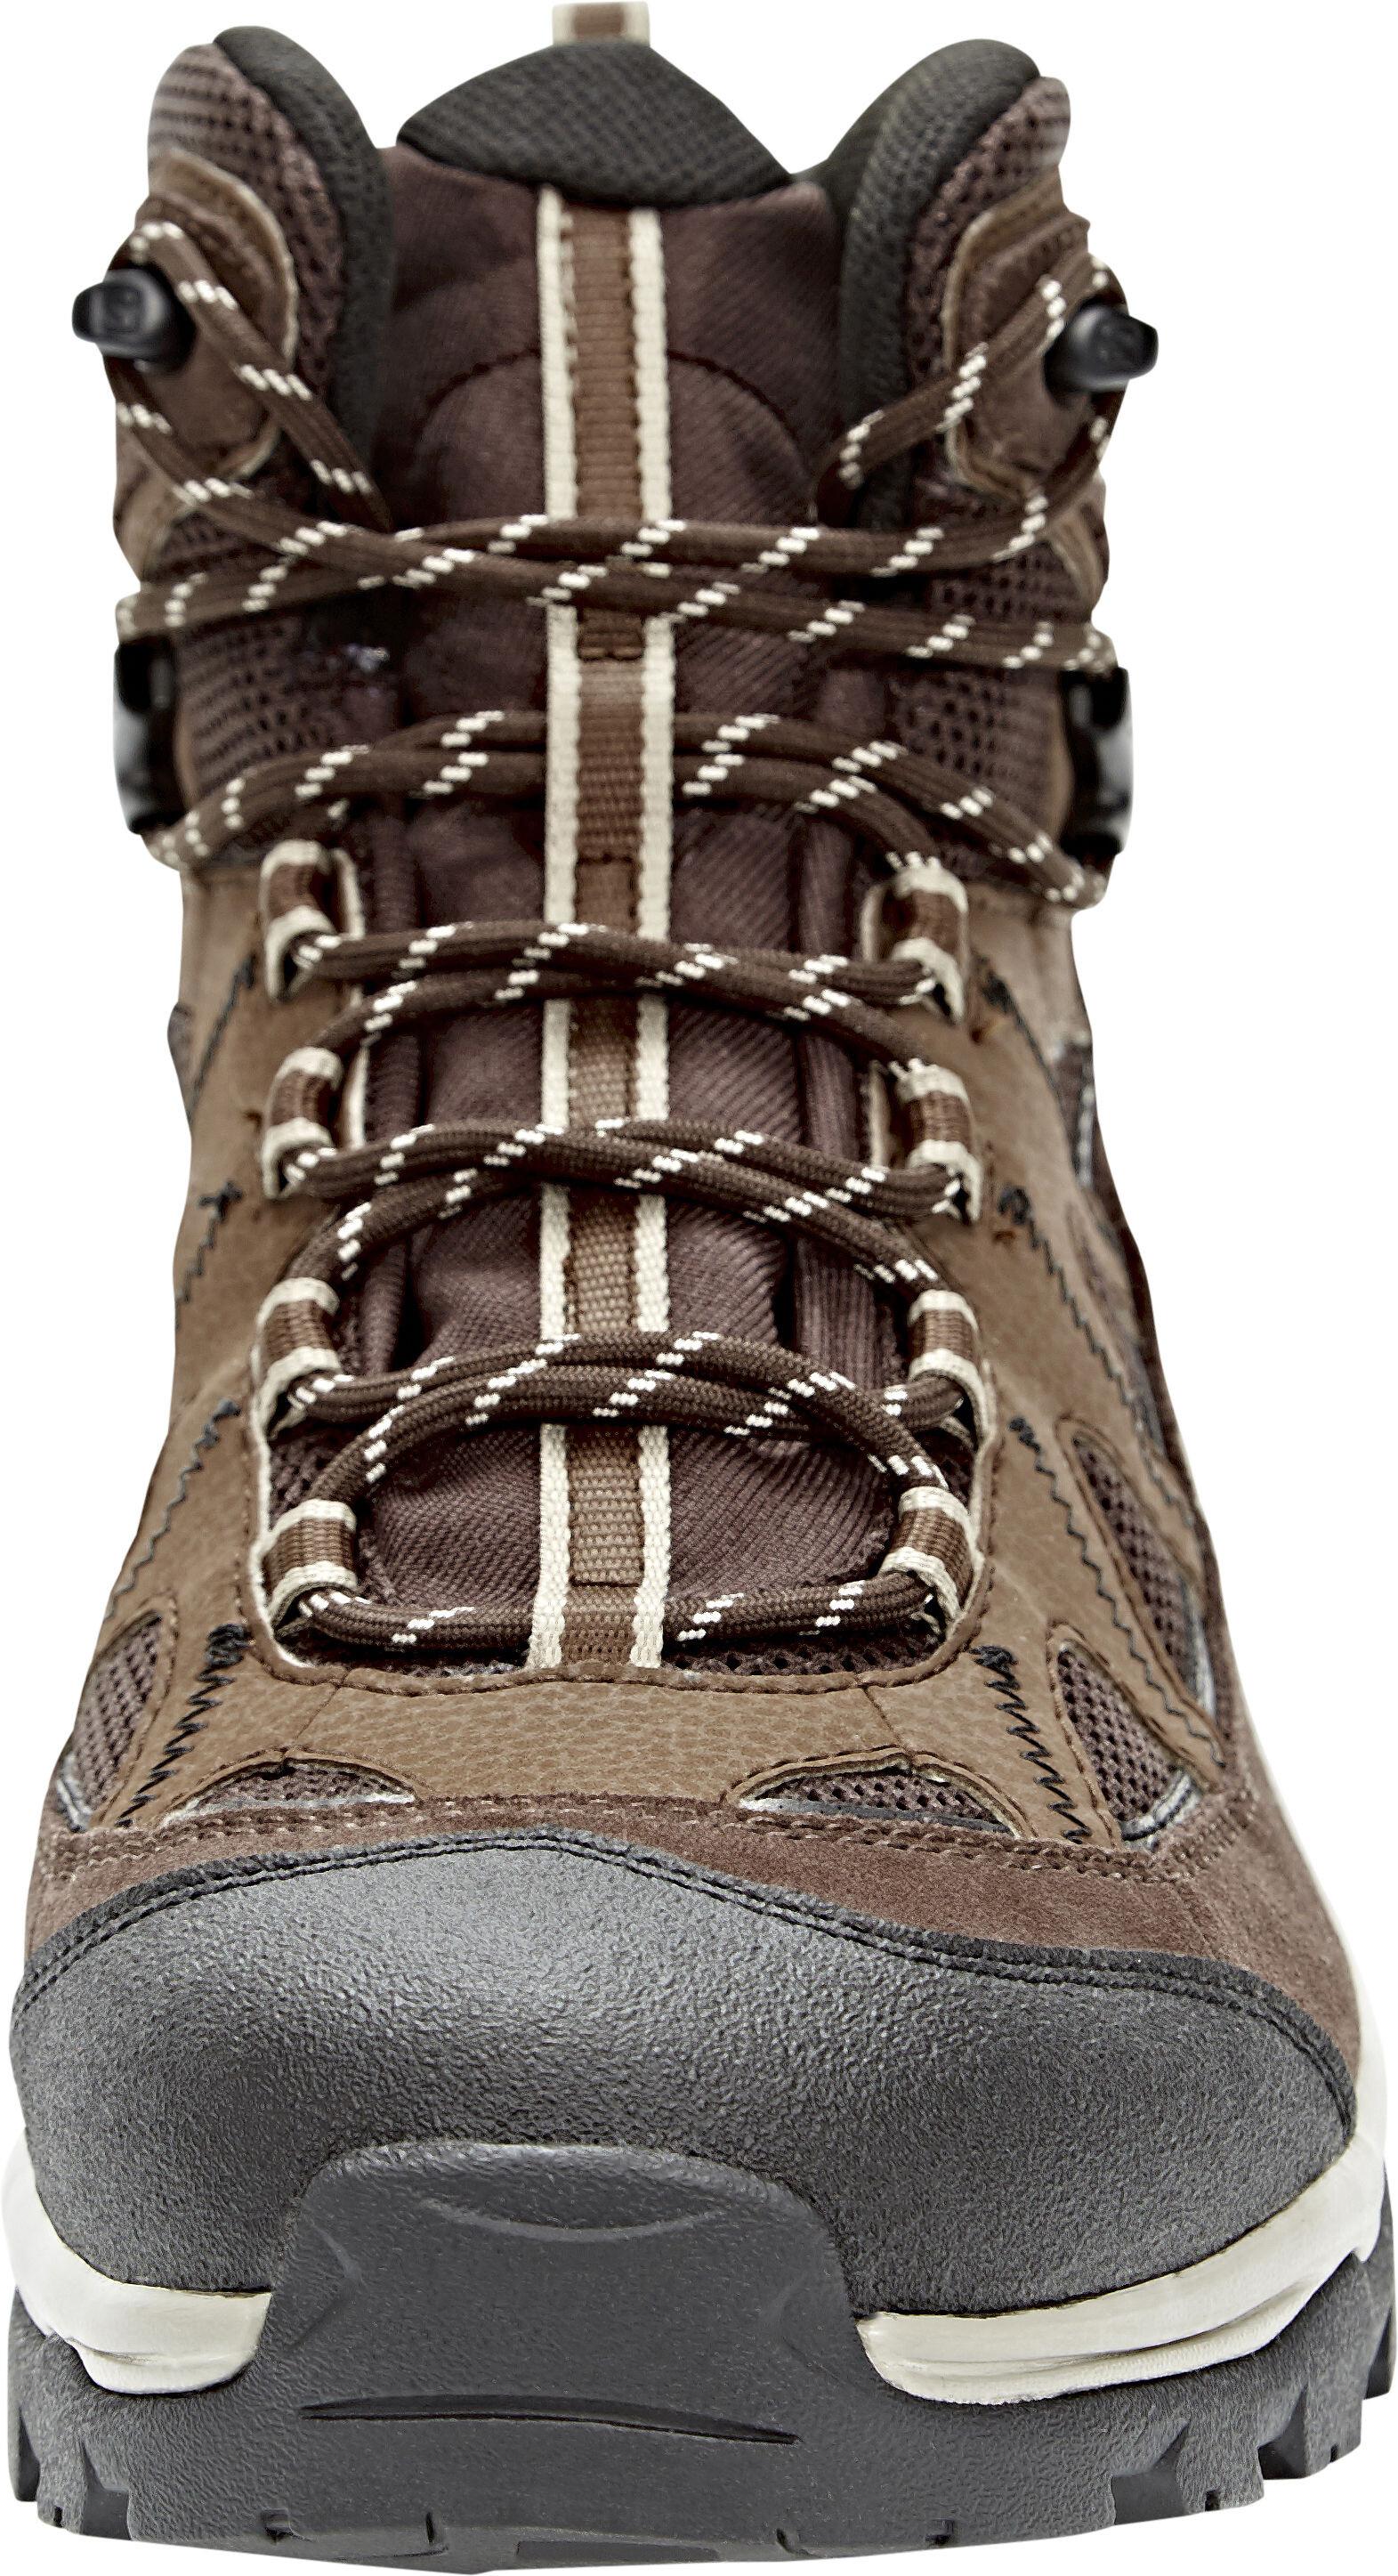 Salomon Authentic LTR GTX Shoes Men brown black at Addnature.co.uk 9e3c7c605f1